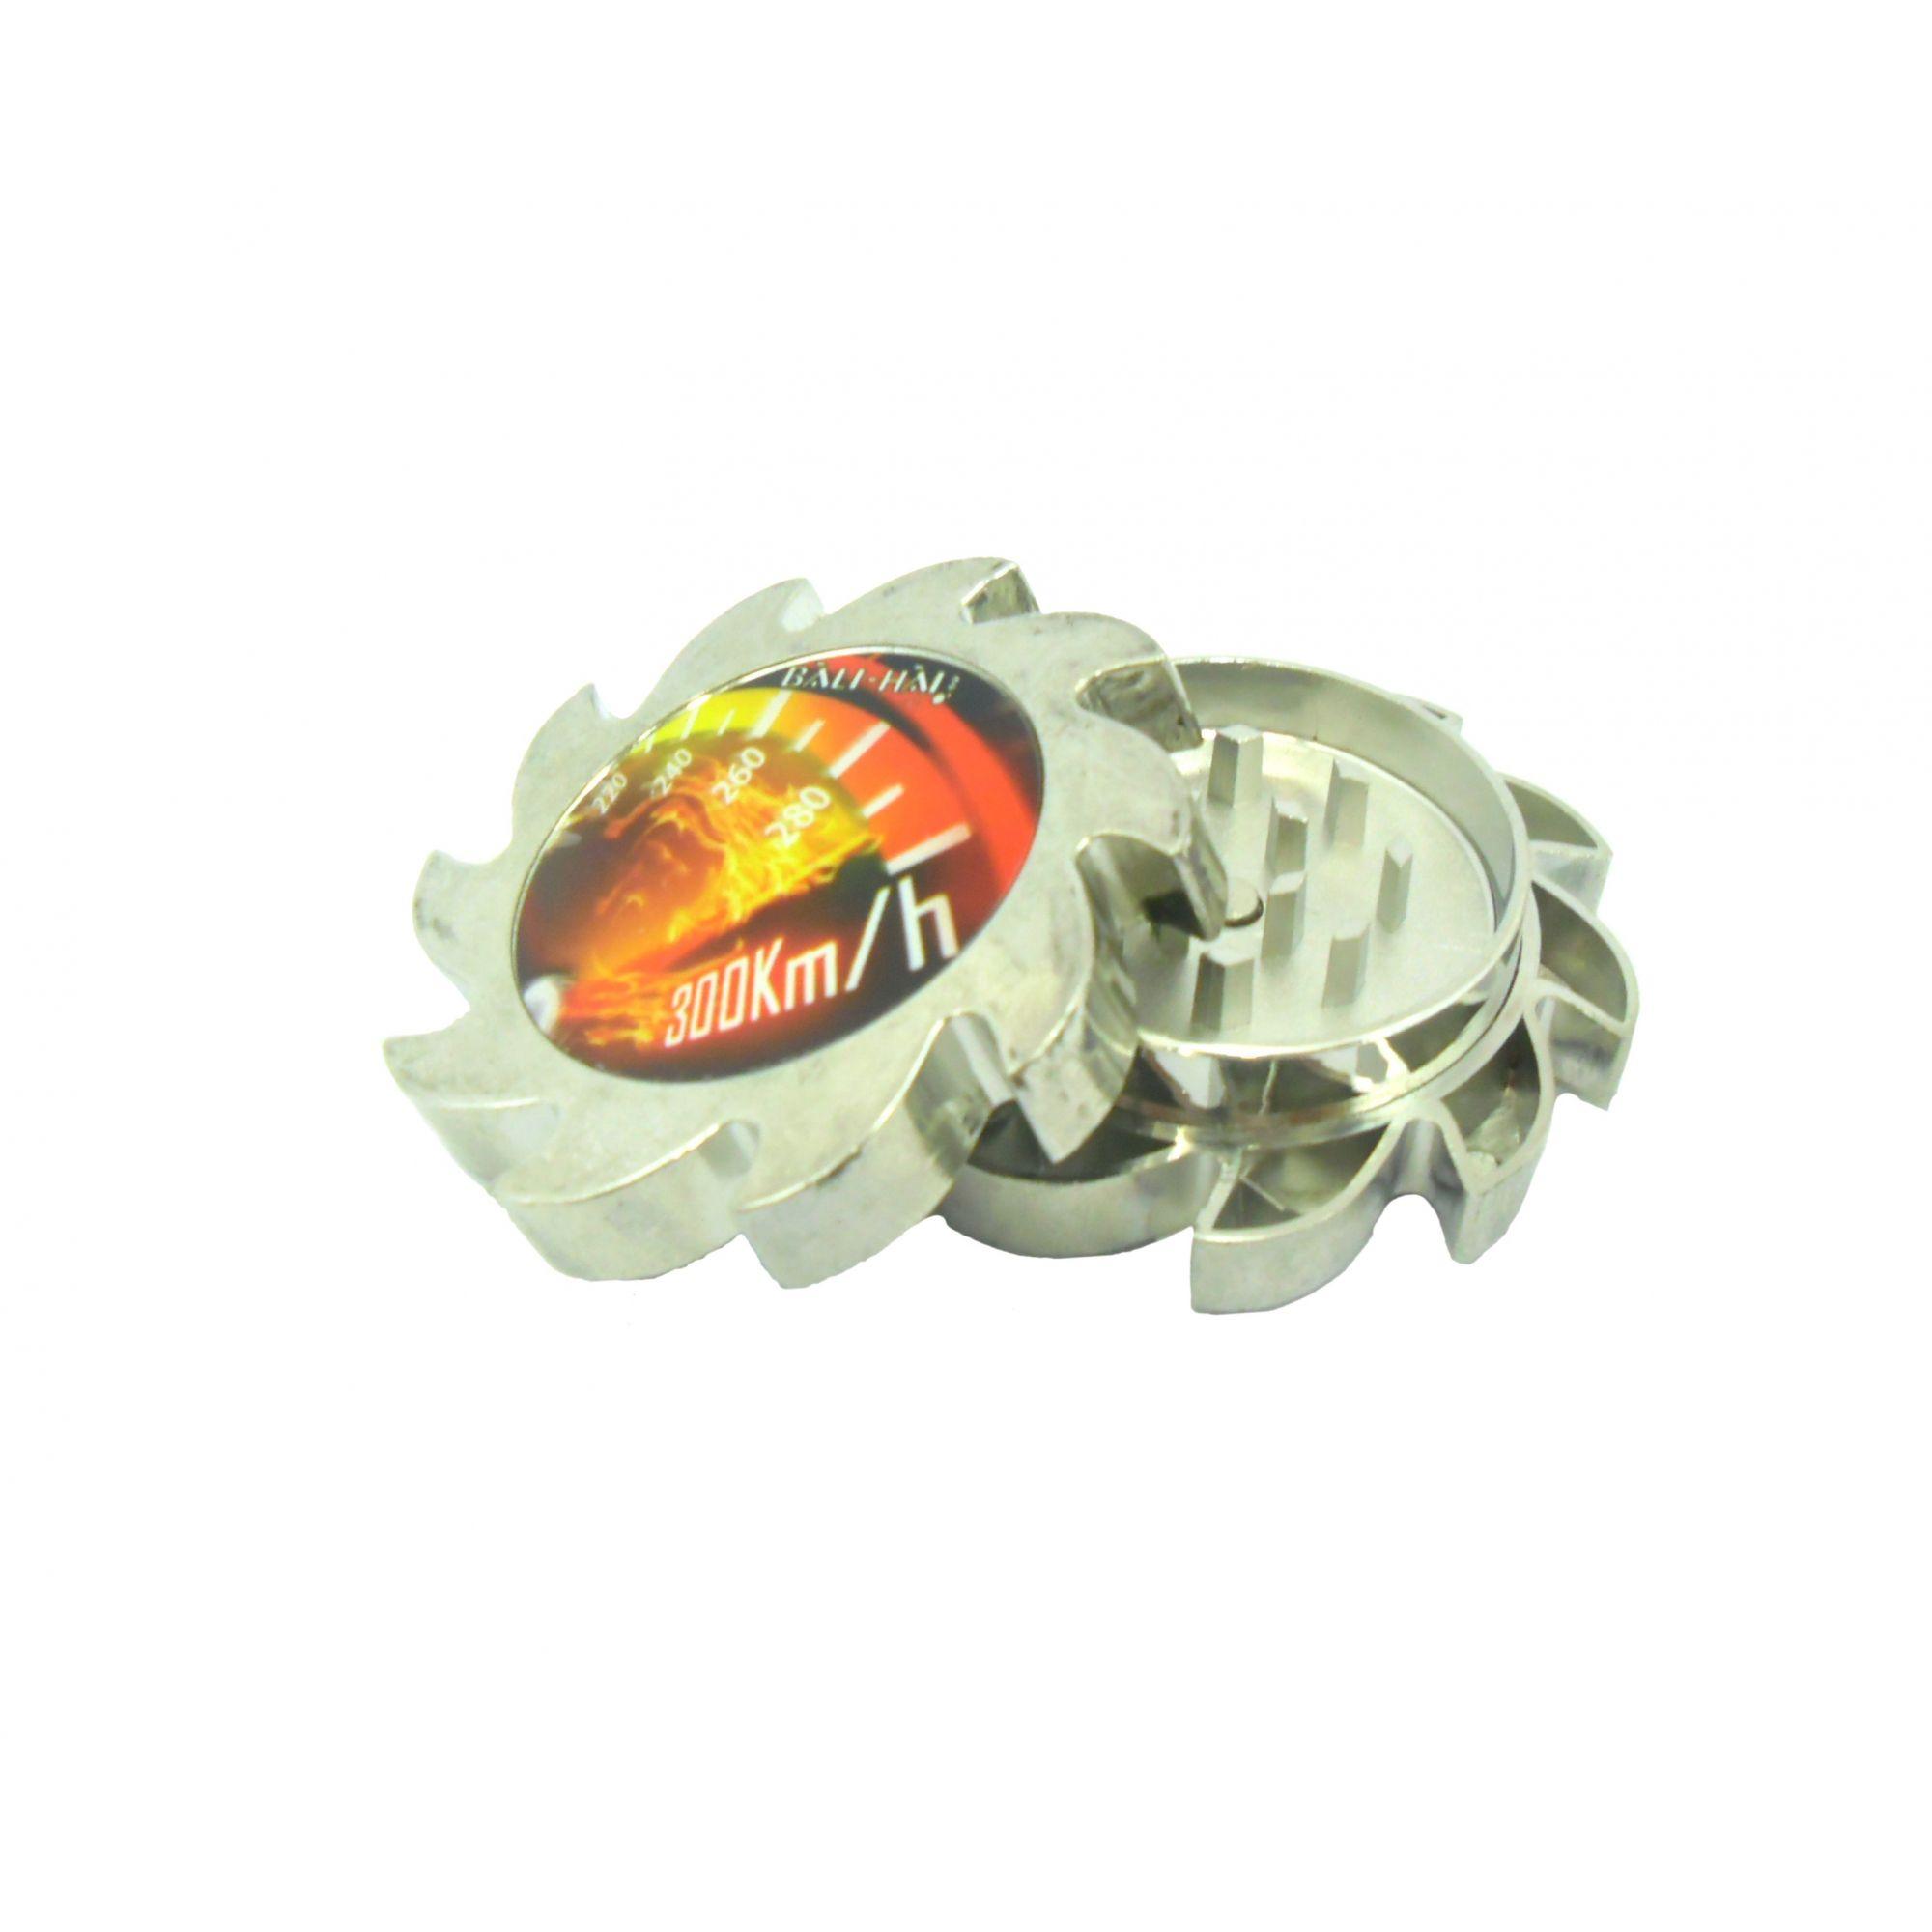 Desfiador / triturador / dichavador em alumínio com pintura anodizada/cromada. Marca Bali Hai.